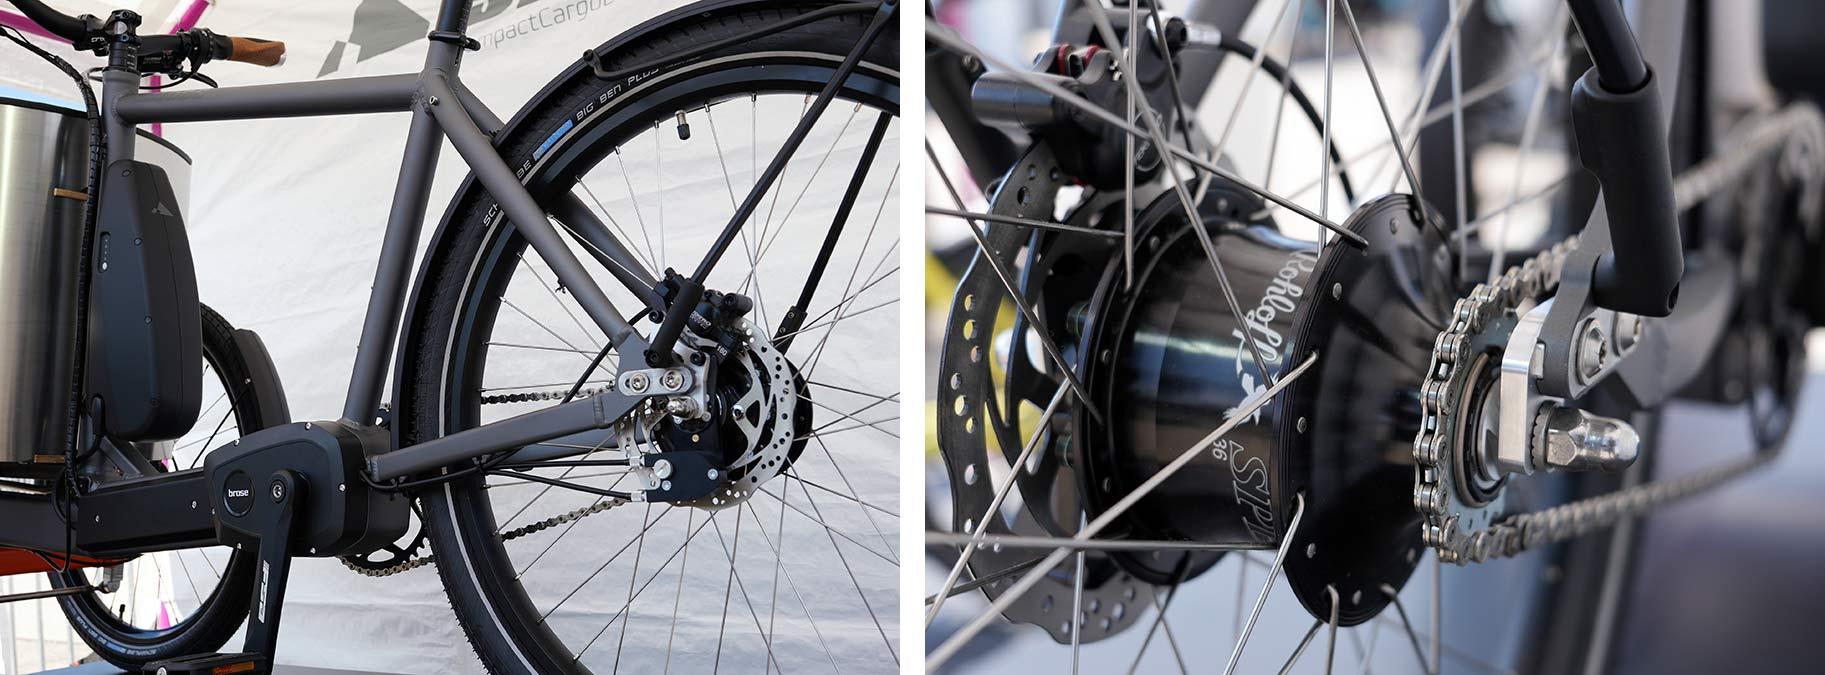 sblocs cargo trick e-bike motor a hnací ústrojí